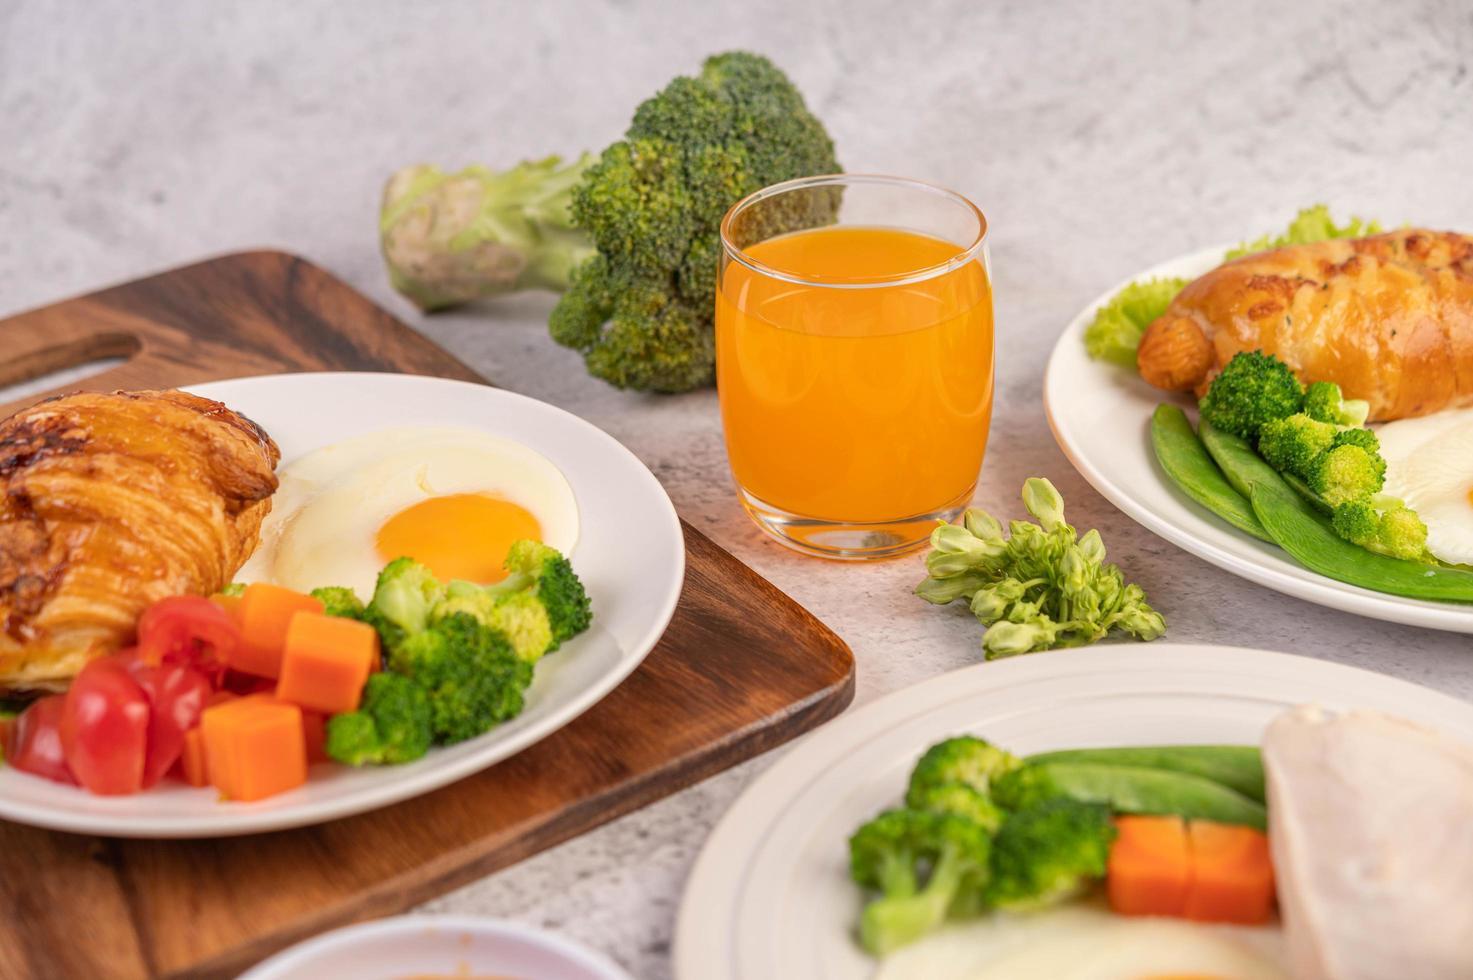 Frühstücksaufstrich aus Hühnchen, Spiegeleiern, Brokkoli, Karotten, Tomaten und Salat foto